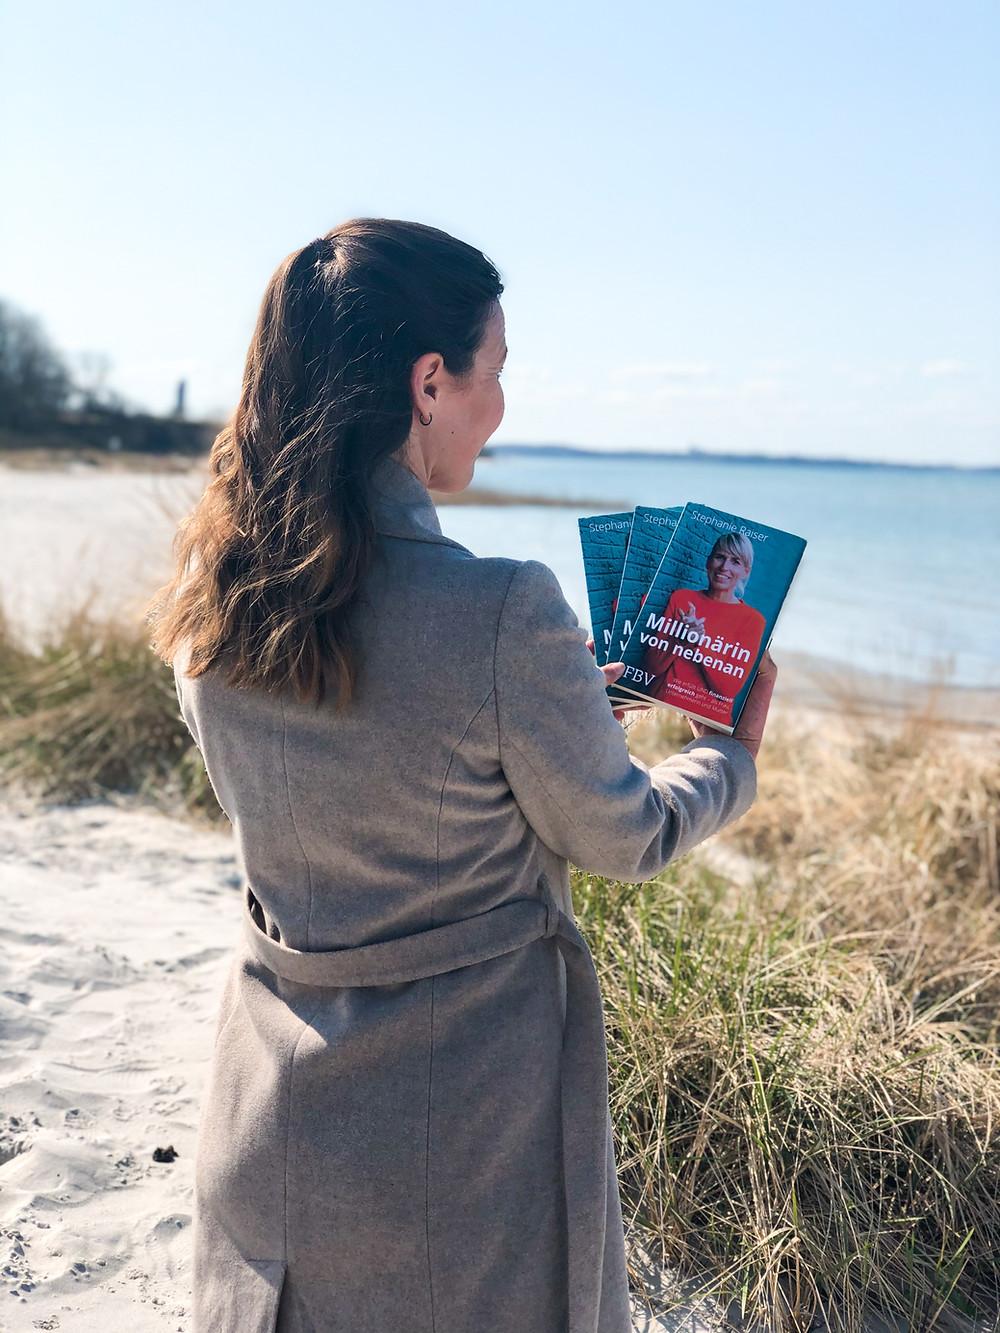 Bei bookbeaches könnt ihr die ausführliche Rezension zu Millionärin von nebenan von Stephanie Raiser direkt am Veröffentlichungstag lesen und bekommt einen intensiven Einblick in das Buch.